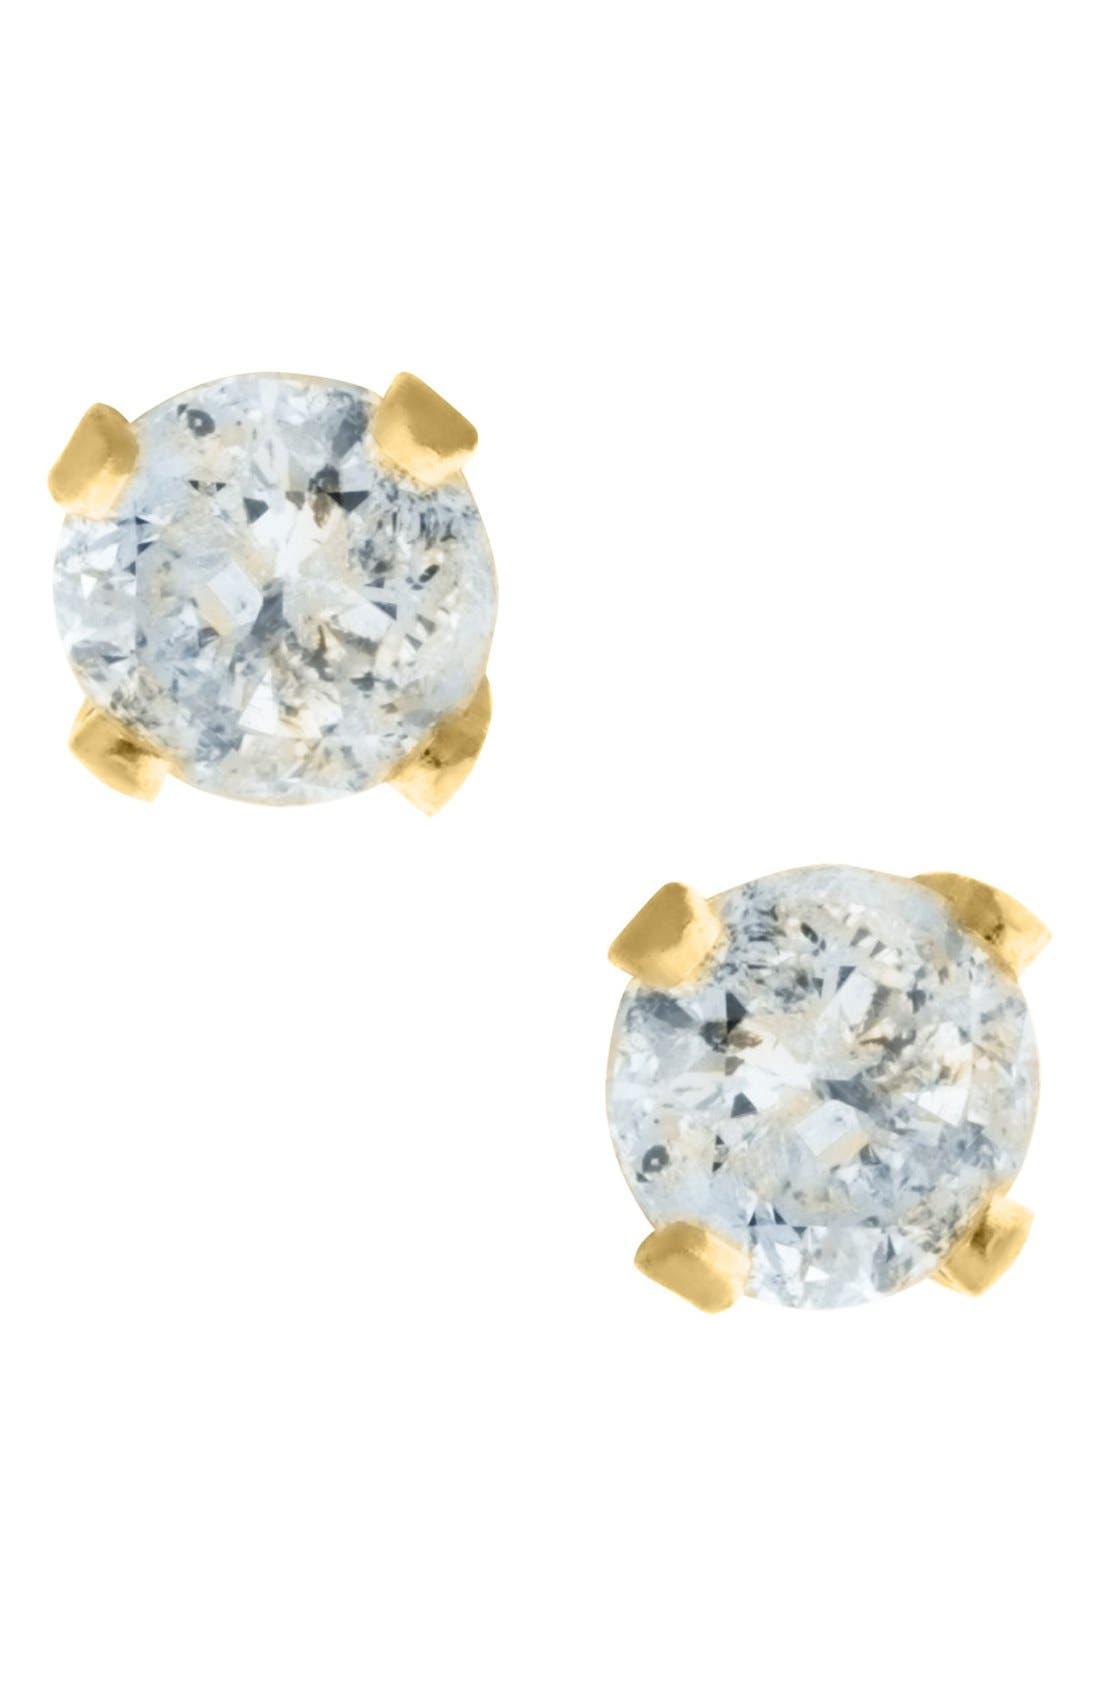 Alternate Image 1 Selected - Mignonette 14k Yellow Gold & Diamond Stud Earrings (Baby Girls)